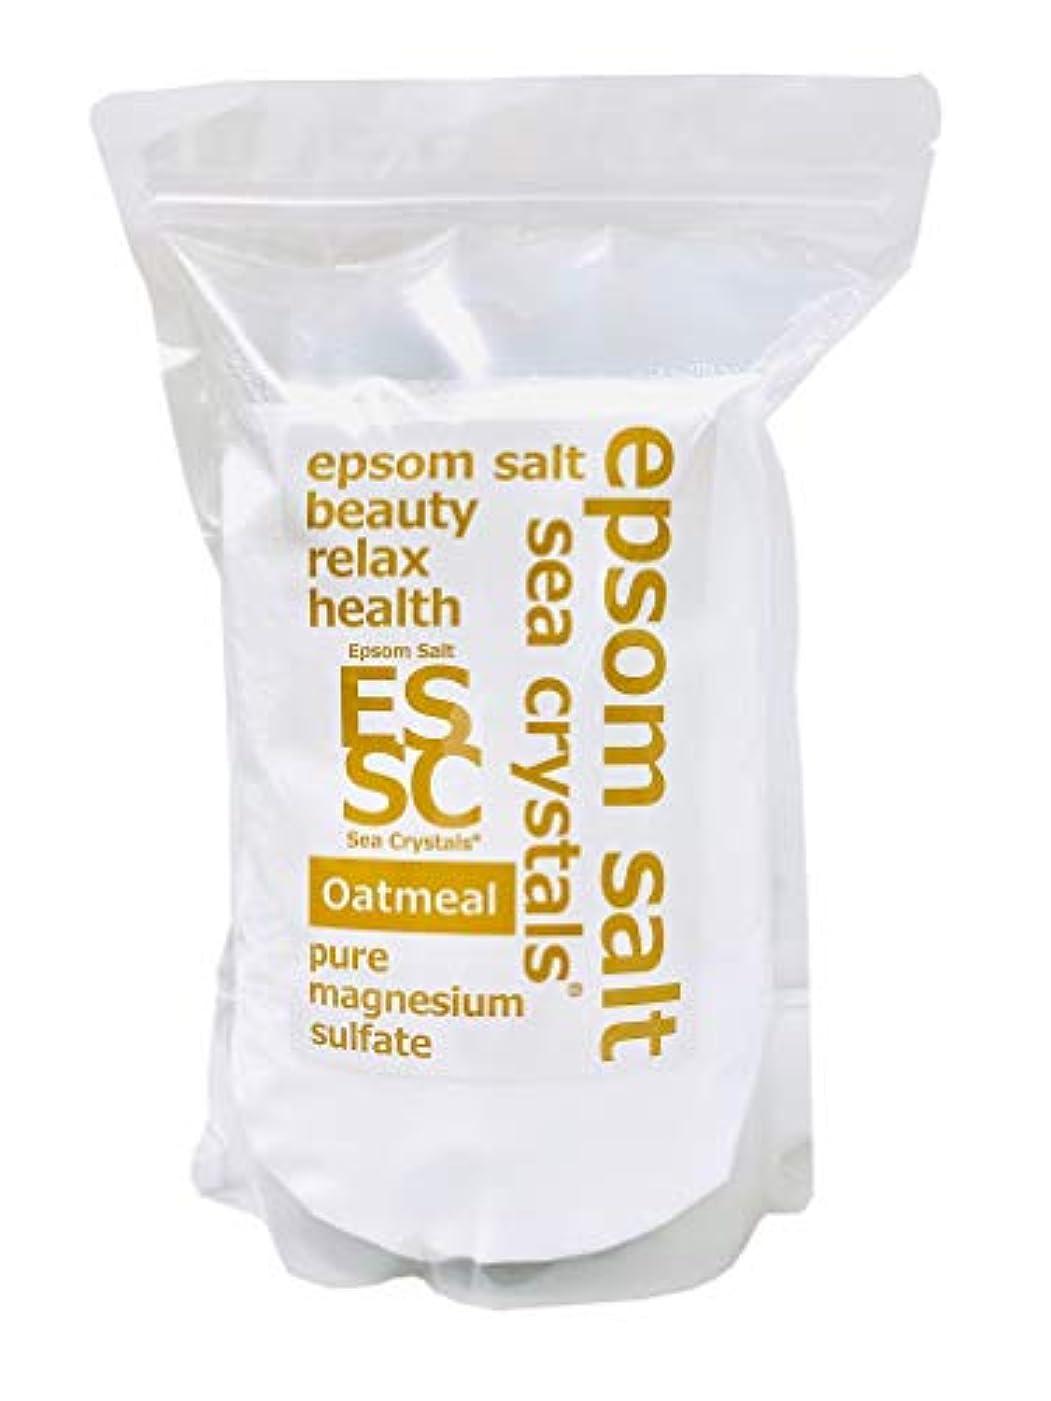 引き出しデコレーション支援【Amazon.co.jp限定】 Sea Crystals(シークリスタルス) オートミールバス 入浴剤 White 2.2kg